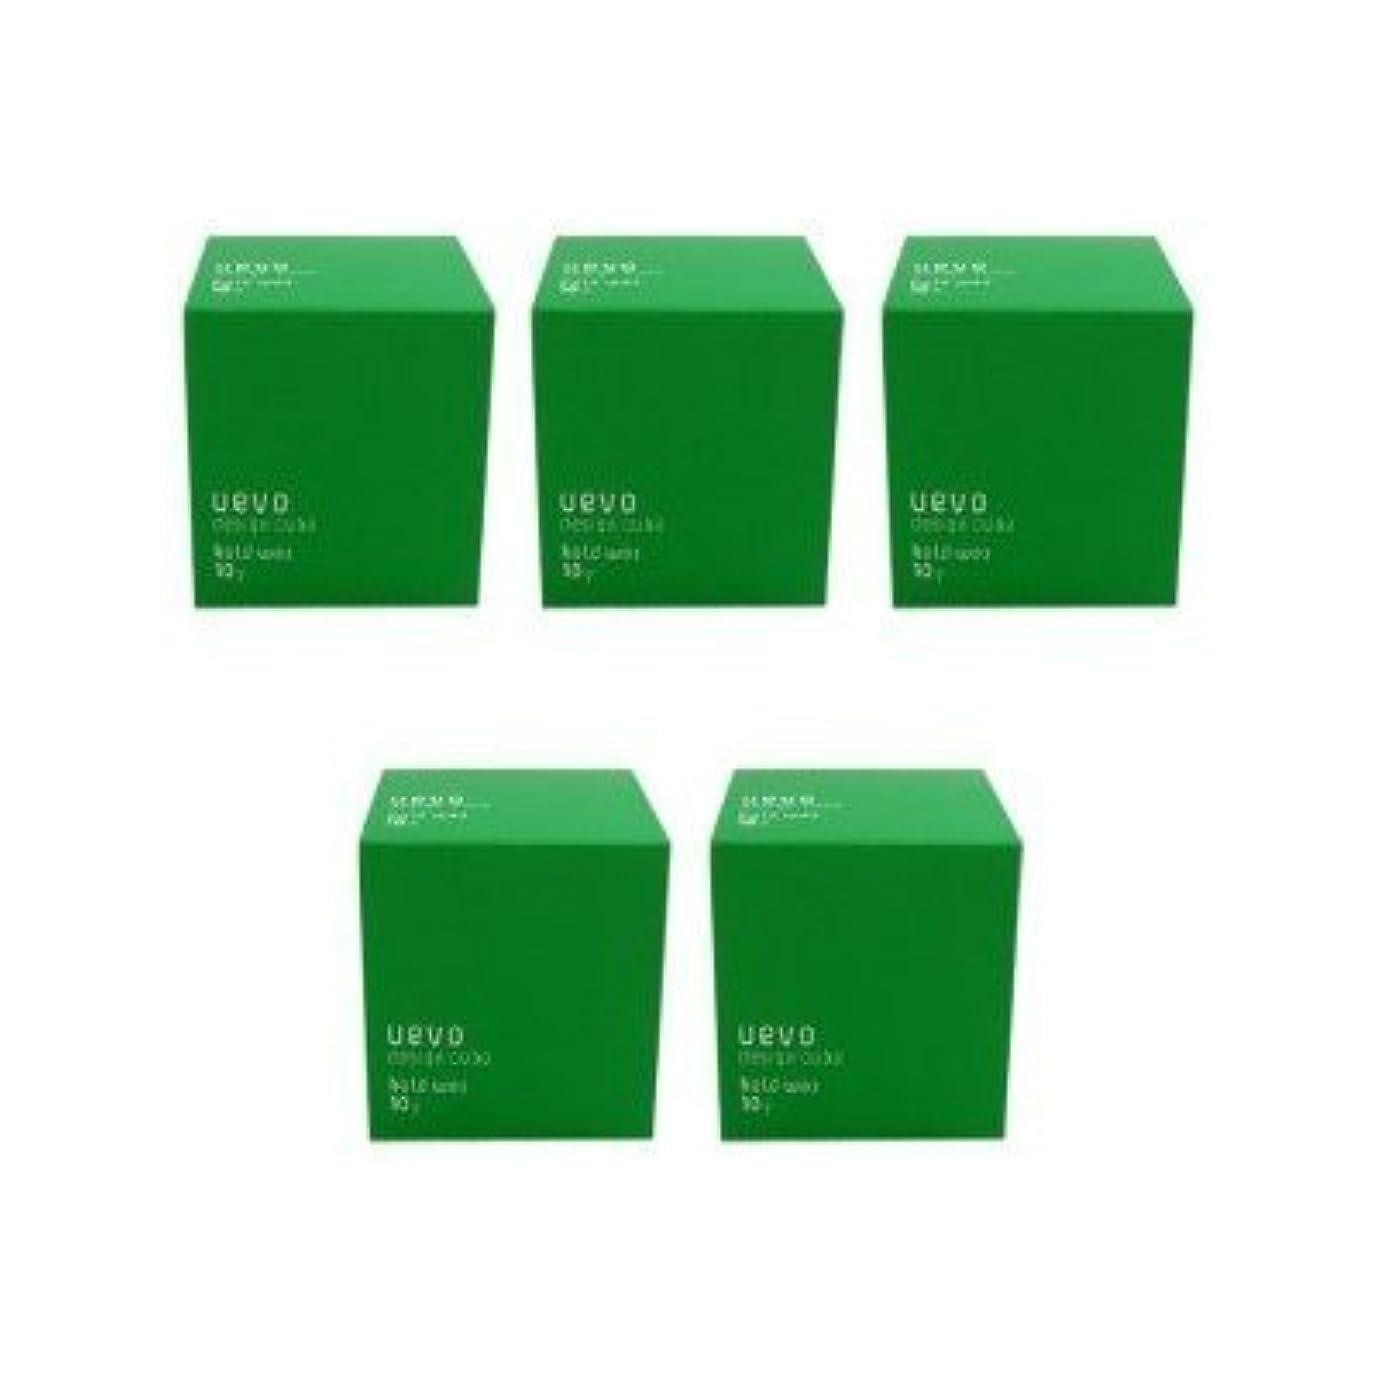 鎮痛剤護衛【X5個セット】 デミ ウェーボ デザインキューブ ホールドワックス 80g hold wax DEMI uevo design cube